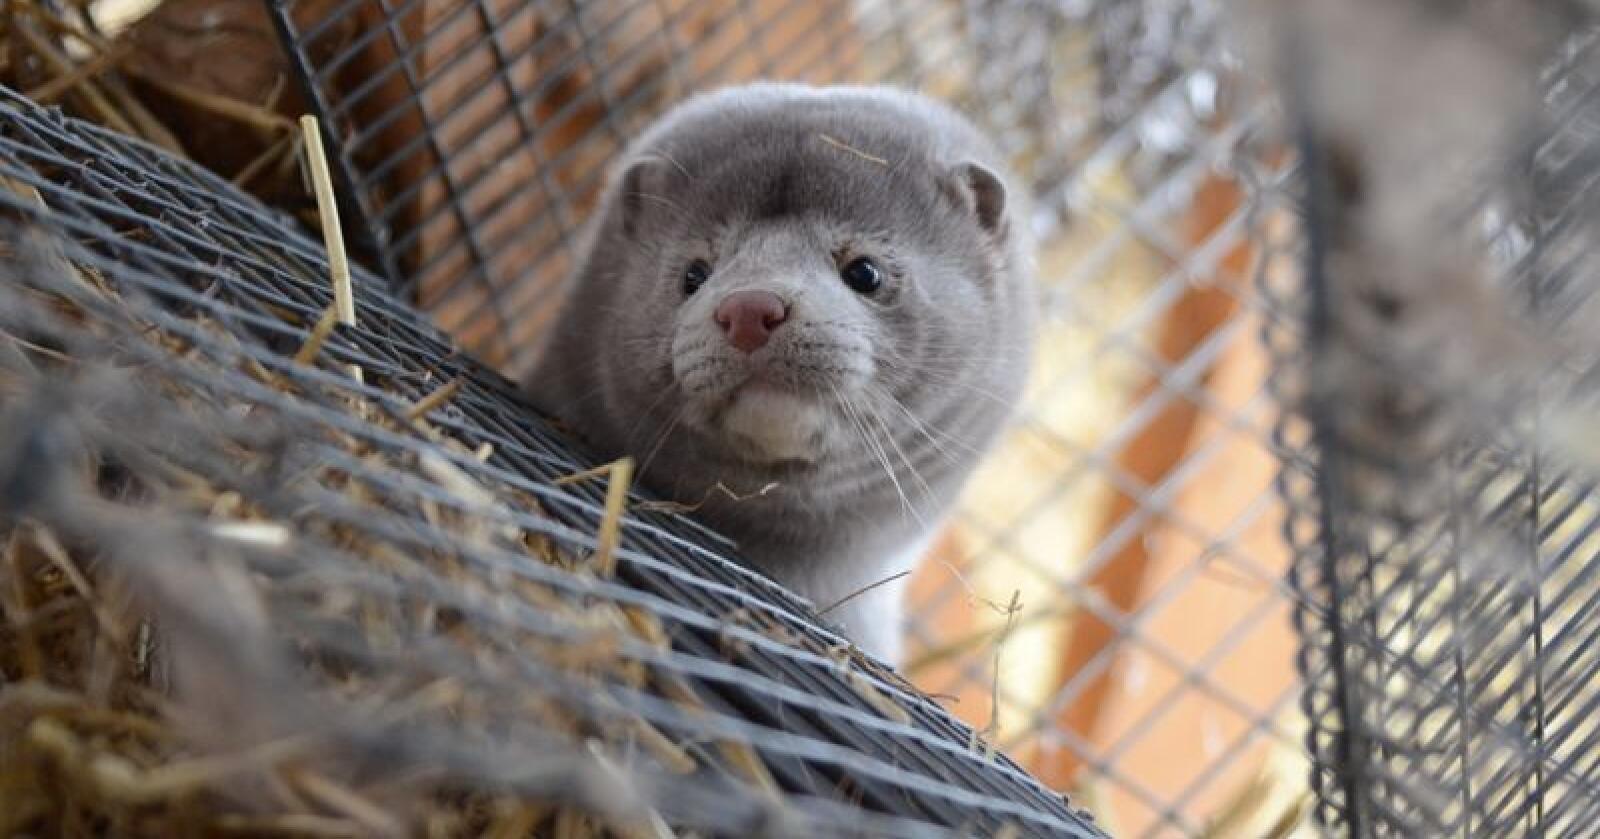 Stortinget behandlet 11. februar 2020 et representantforslag om kompensasjon til pelsdyroppdrettere som følge av forbudet mot hold av pelsdyr. (Foto: Liv Jorunn Denstadli Sagmo)